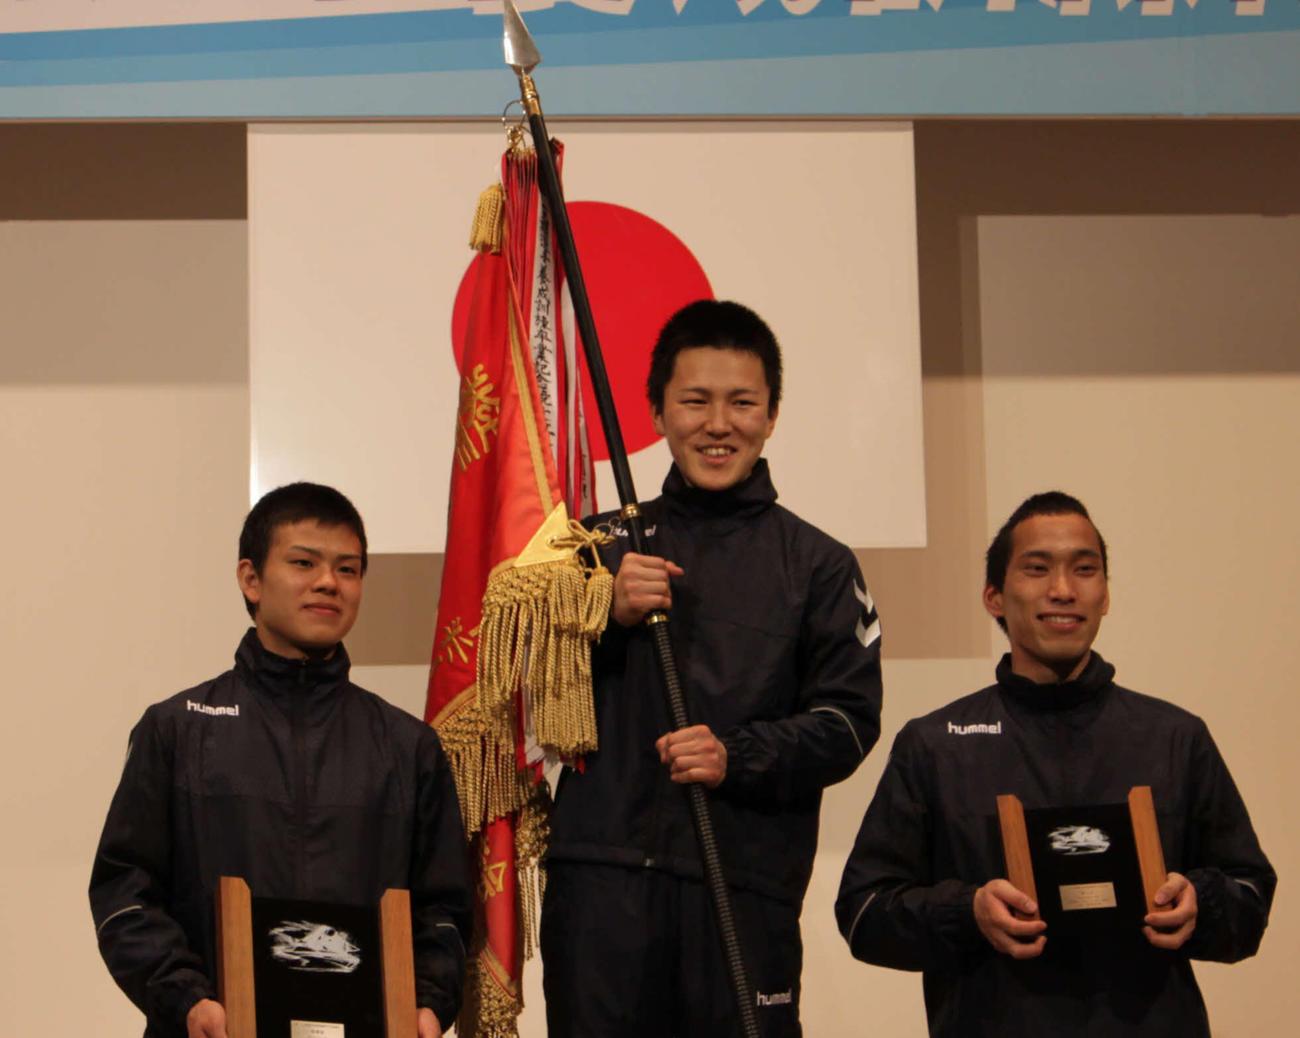 優勝した常住蓮(中央)は優勝旗を手に笑顔。左は2着の大場恒季、右は3着の大沢風葵(撮影・坂中昭子)